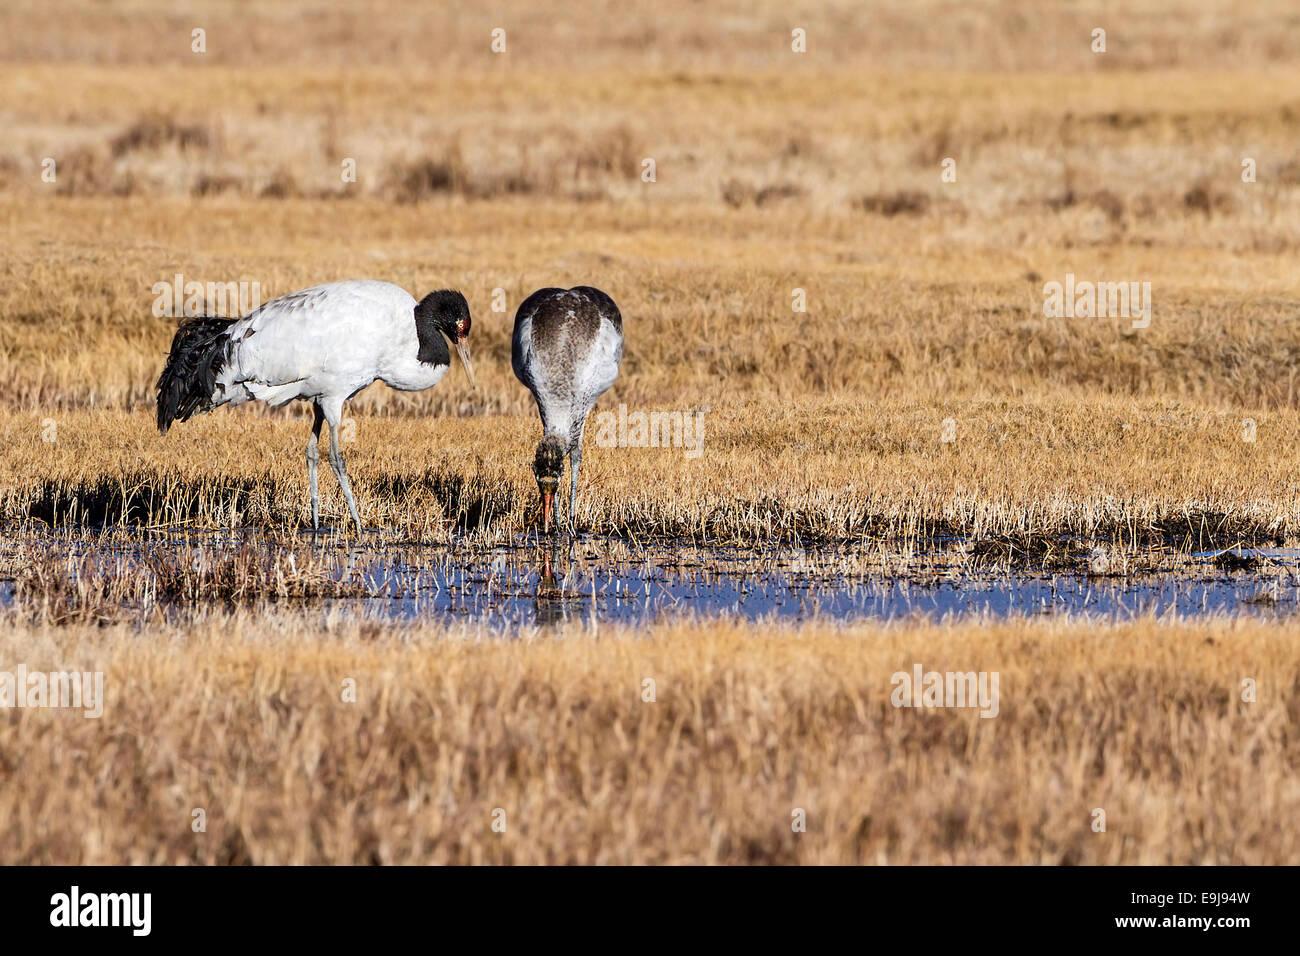 Nero-gru a collo alto (Grus nigricollis) genitore affacciato sul novellame di prole in inverno la massa di alimentazione, Immagini Stock